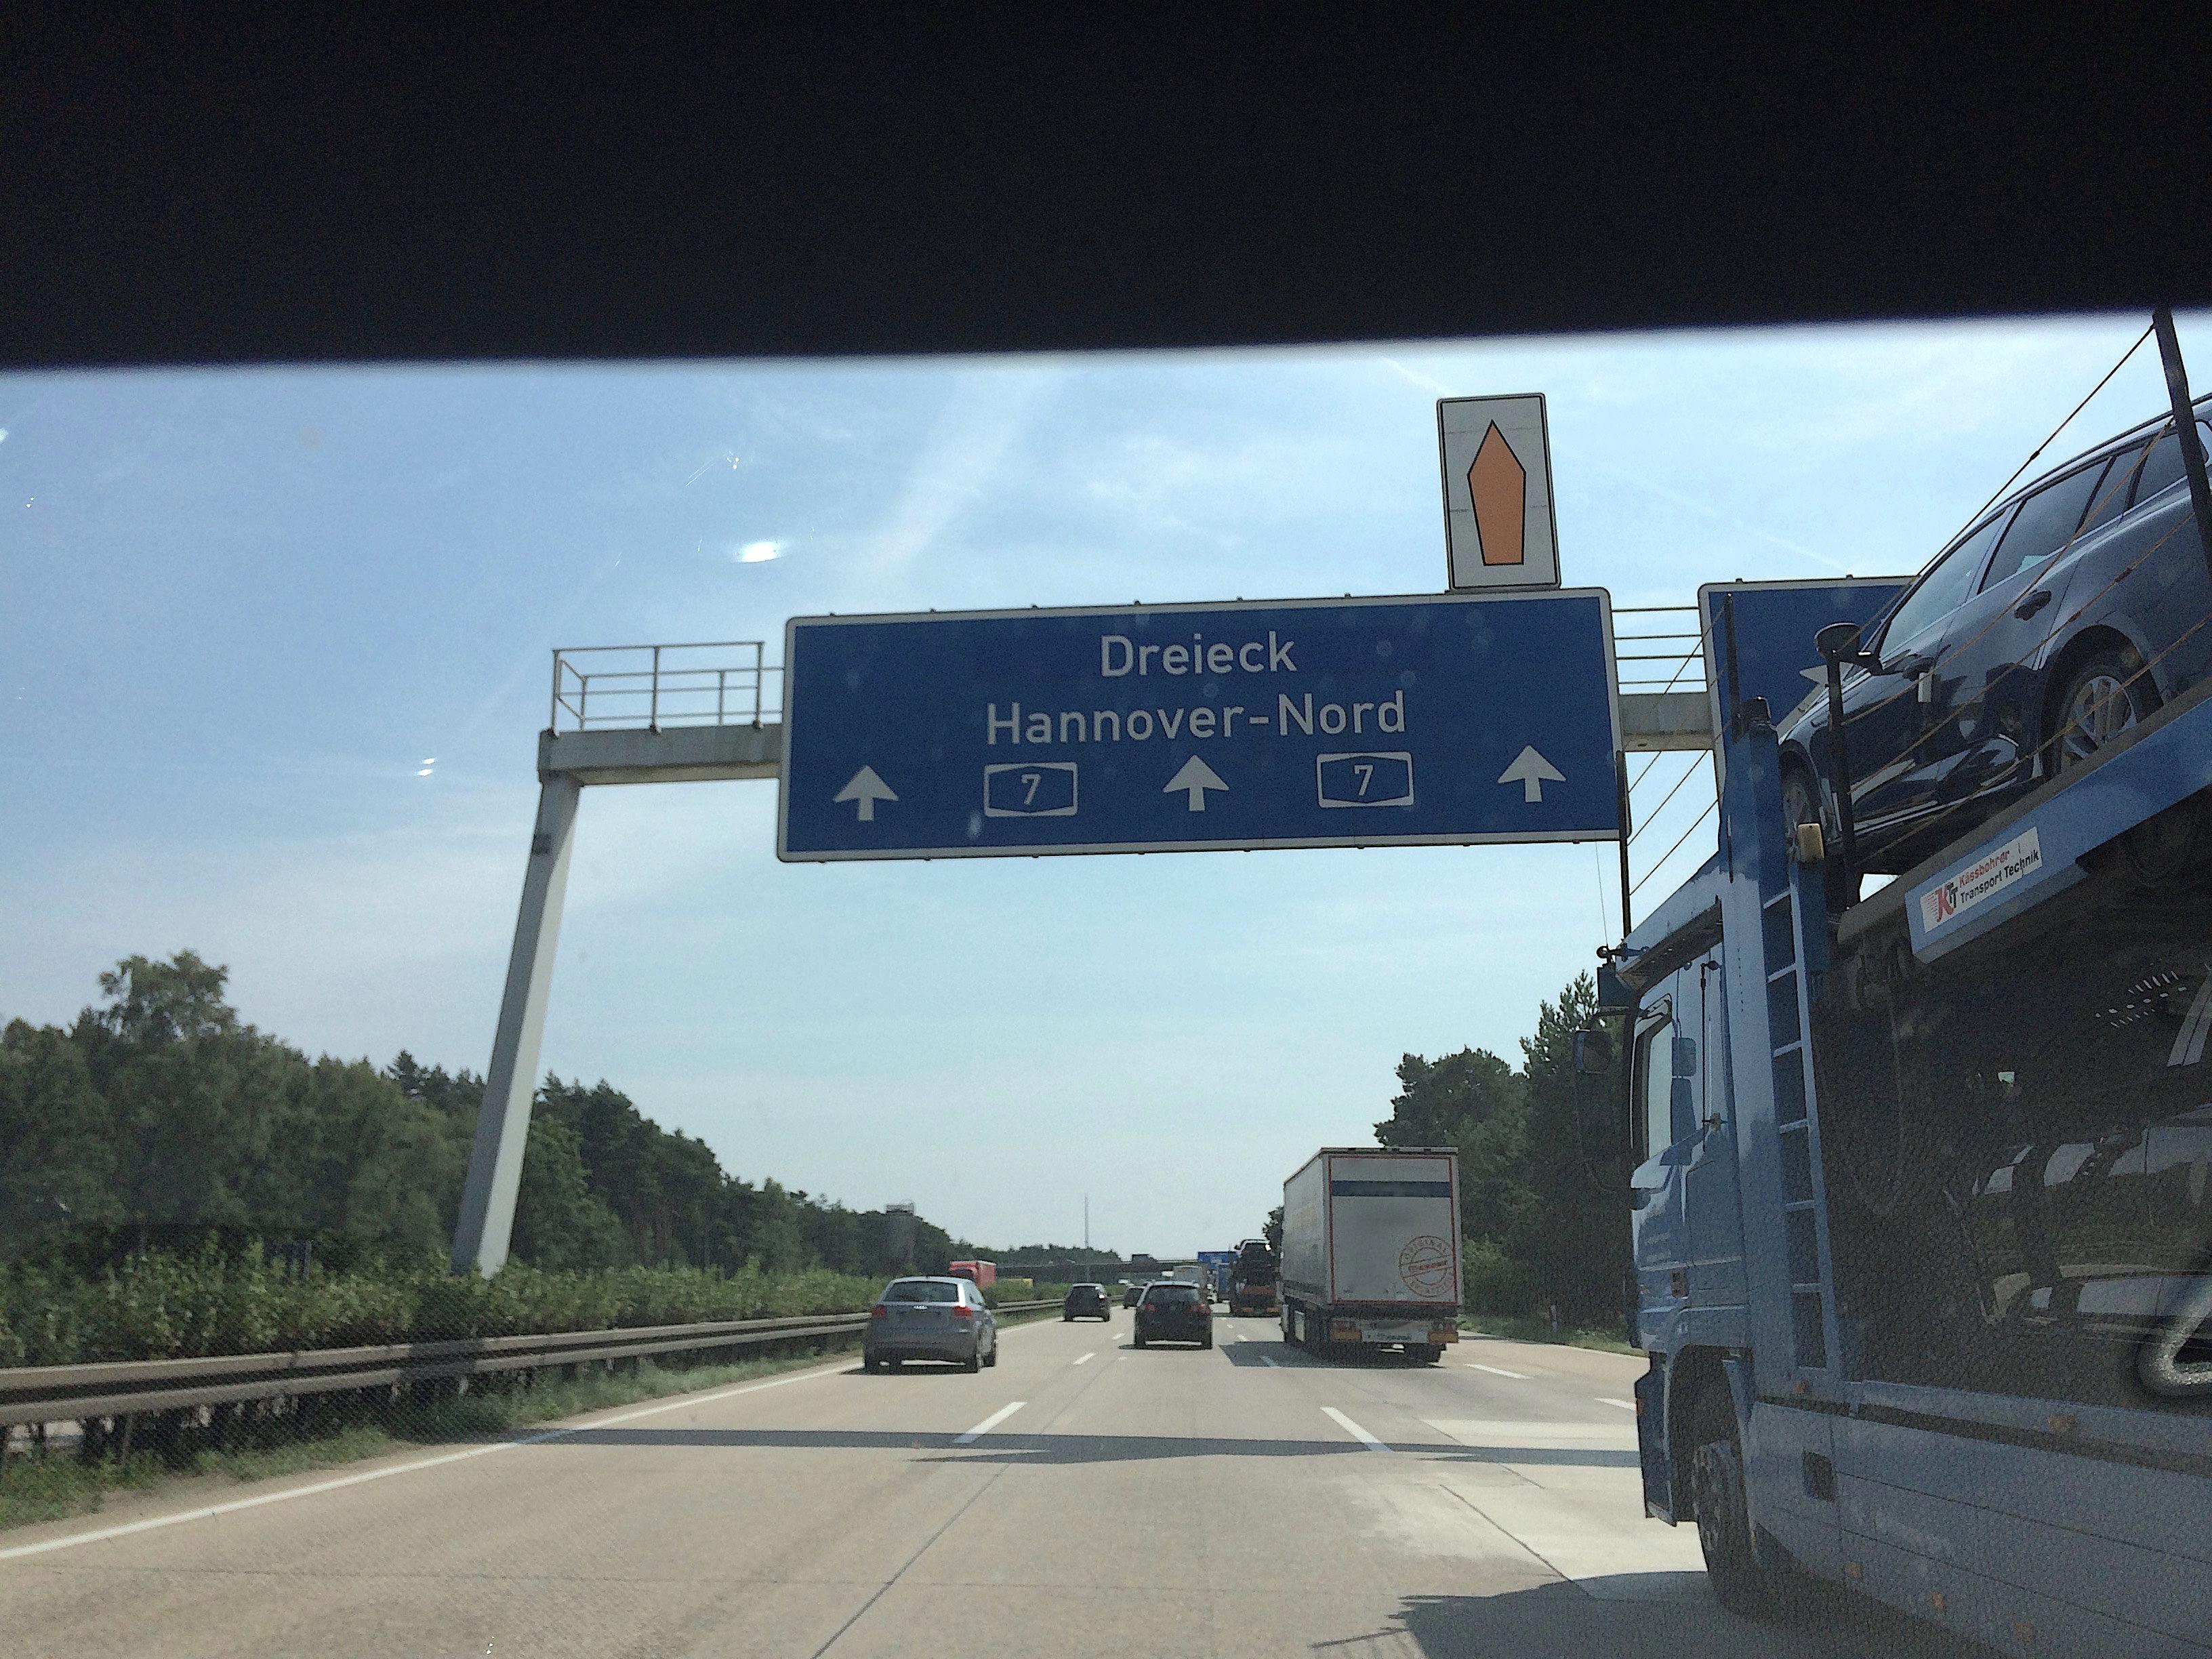 Detektei in Hannover einsetzen: Detektiv SYSTEM Detektei ® beobachtet und ermittelt